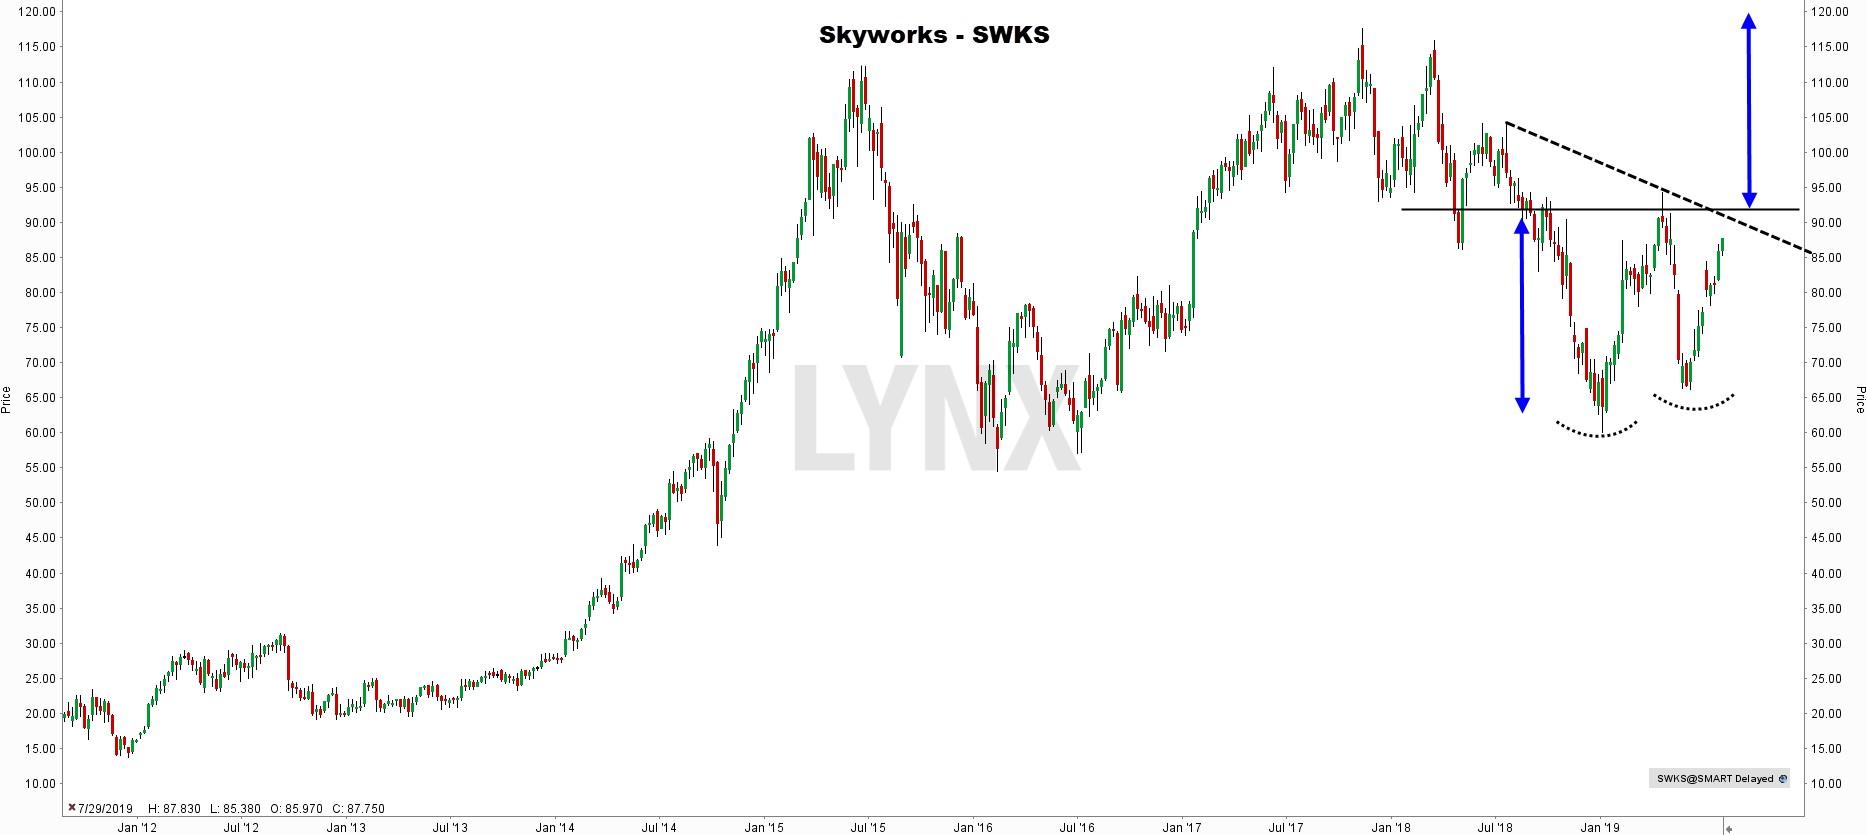 Internet of Things aandeel - Skyworks Solutions